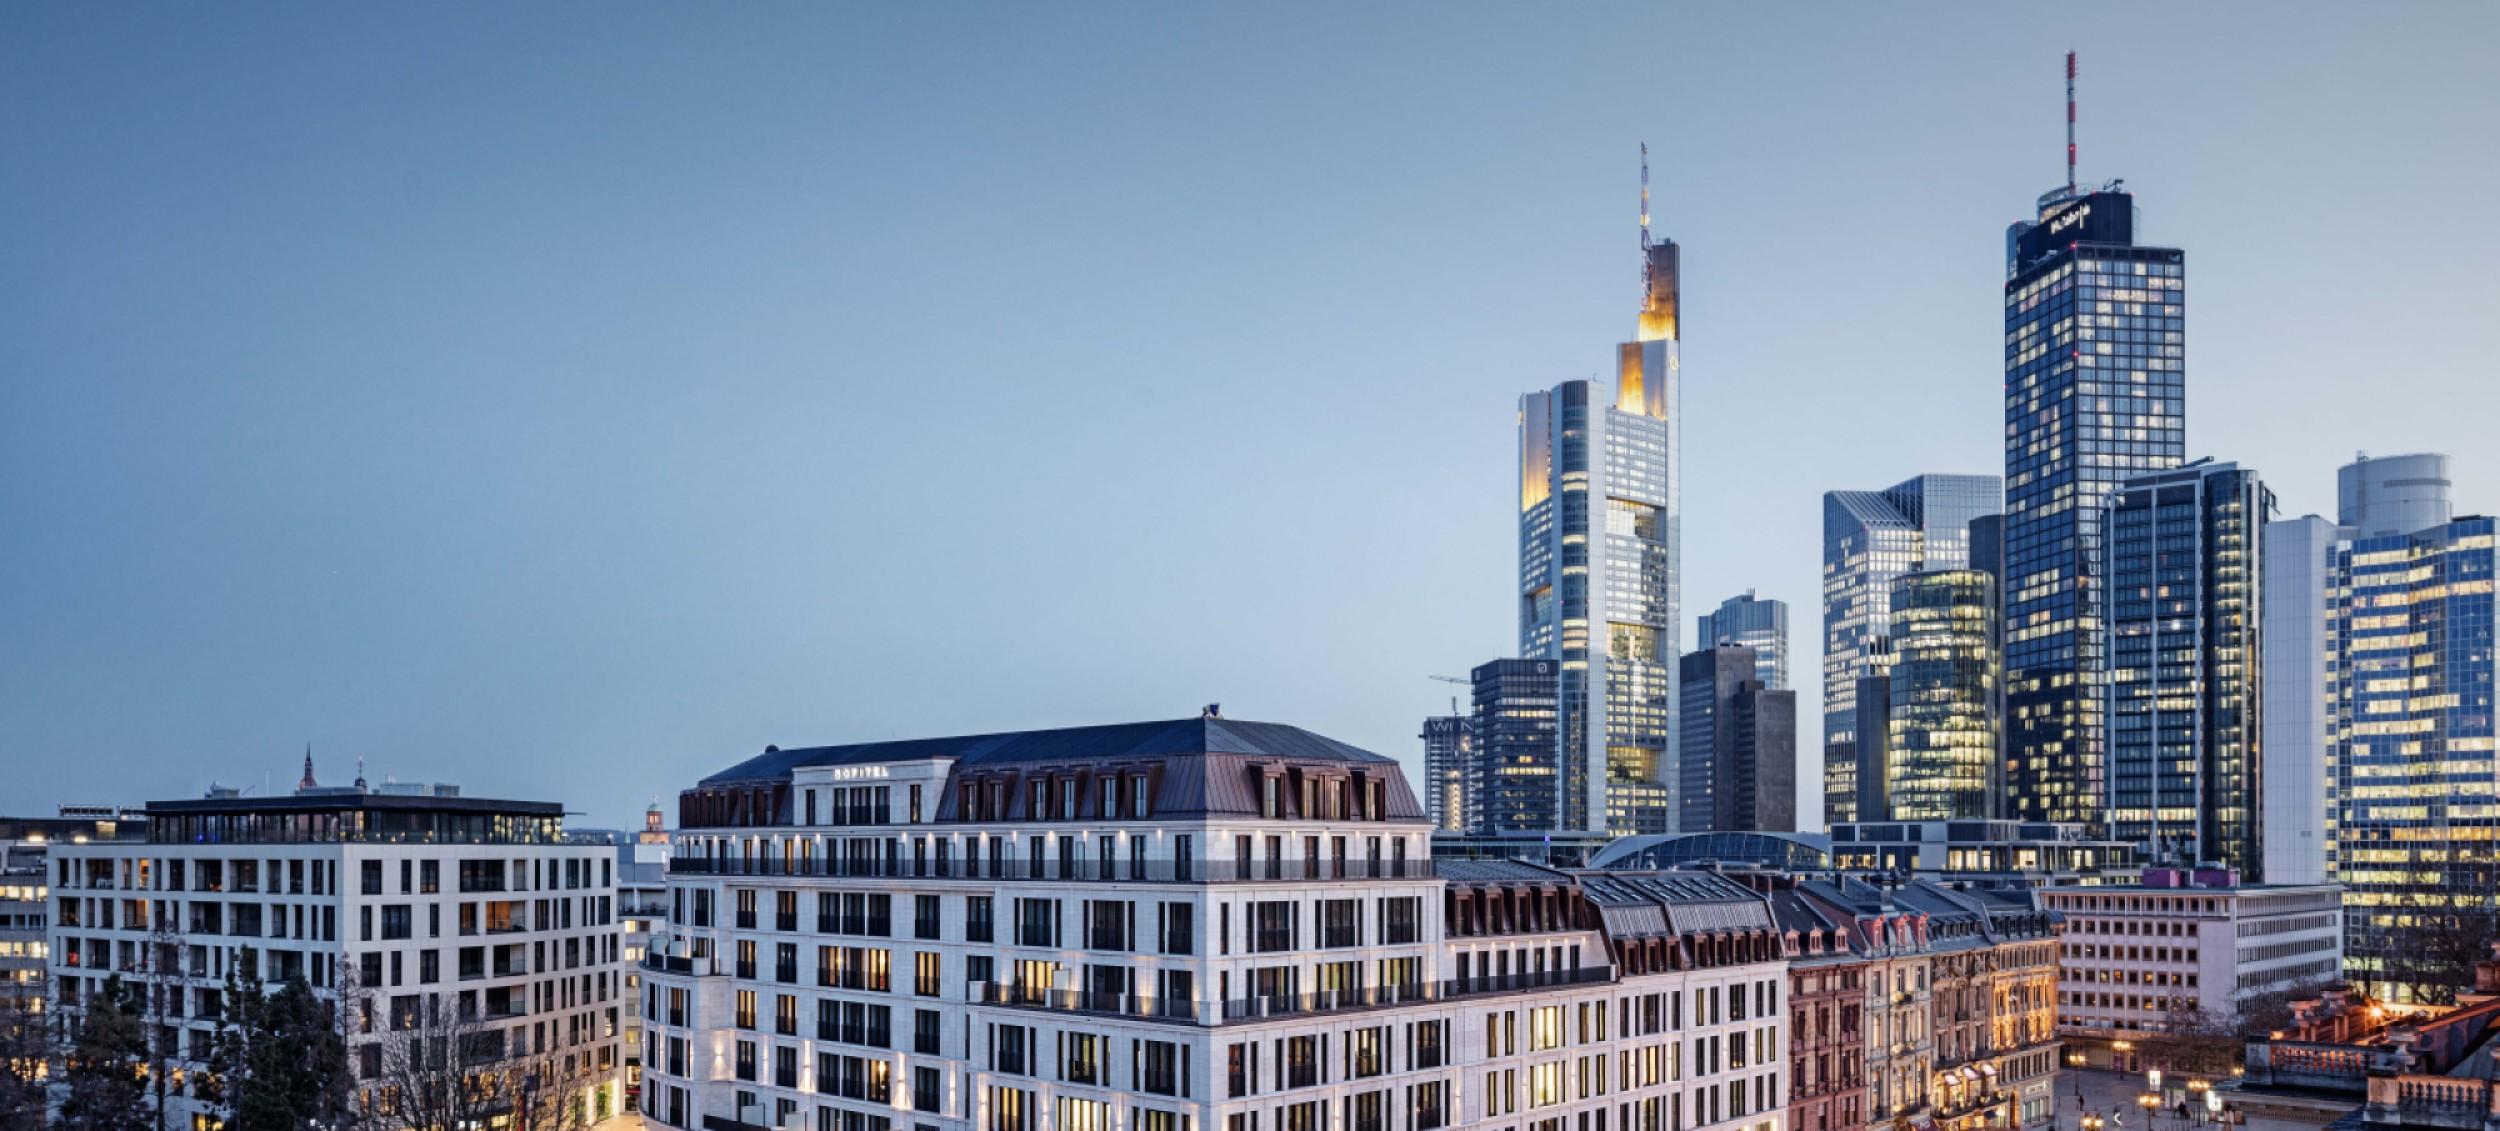 Der Opernplatz 14 in Frankfurt vor der berühmten Skyline